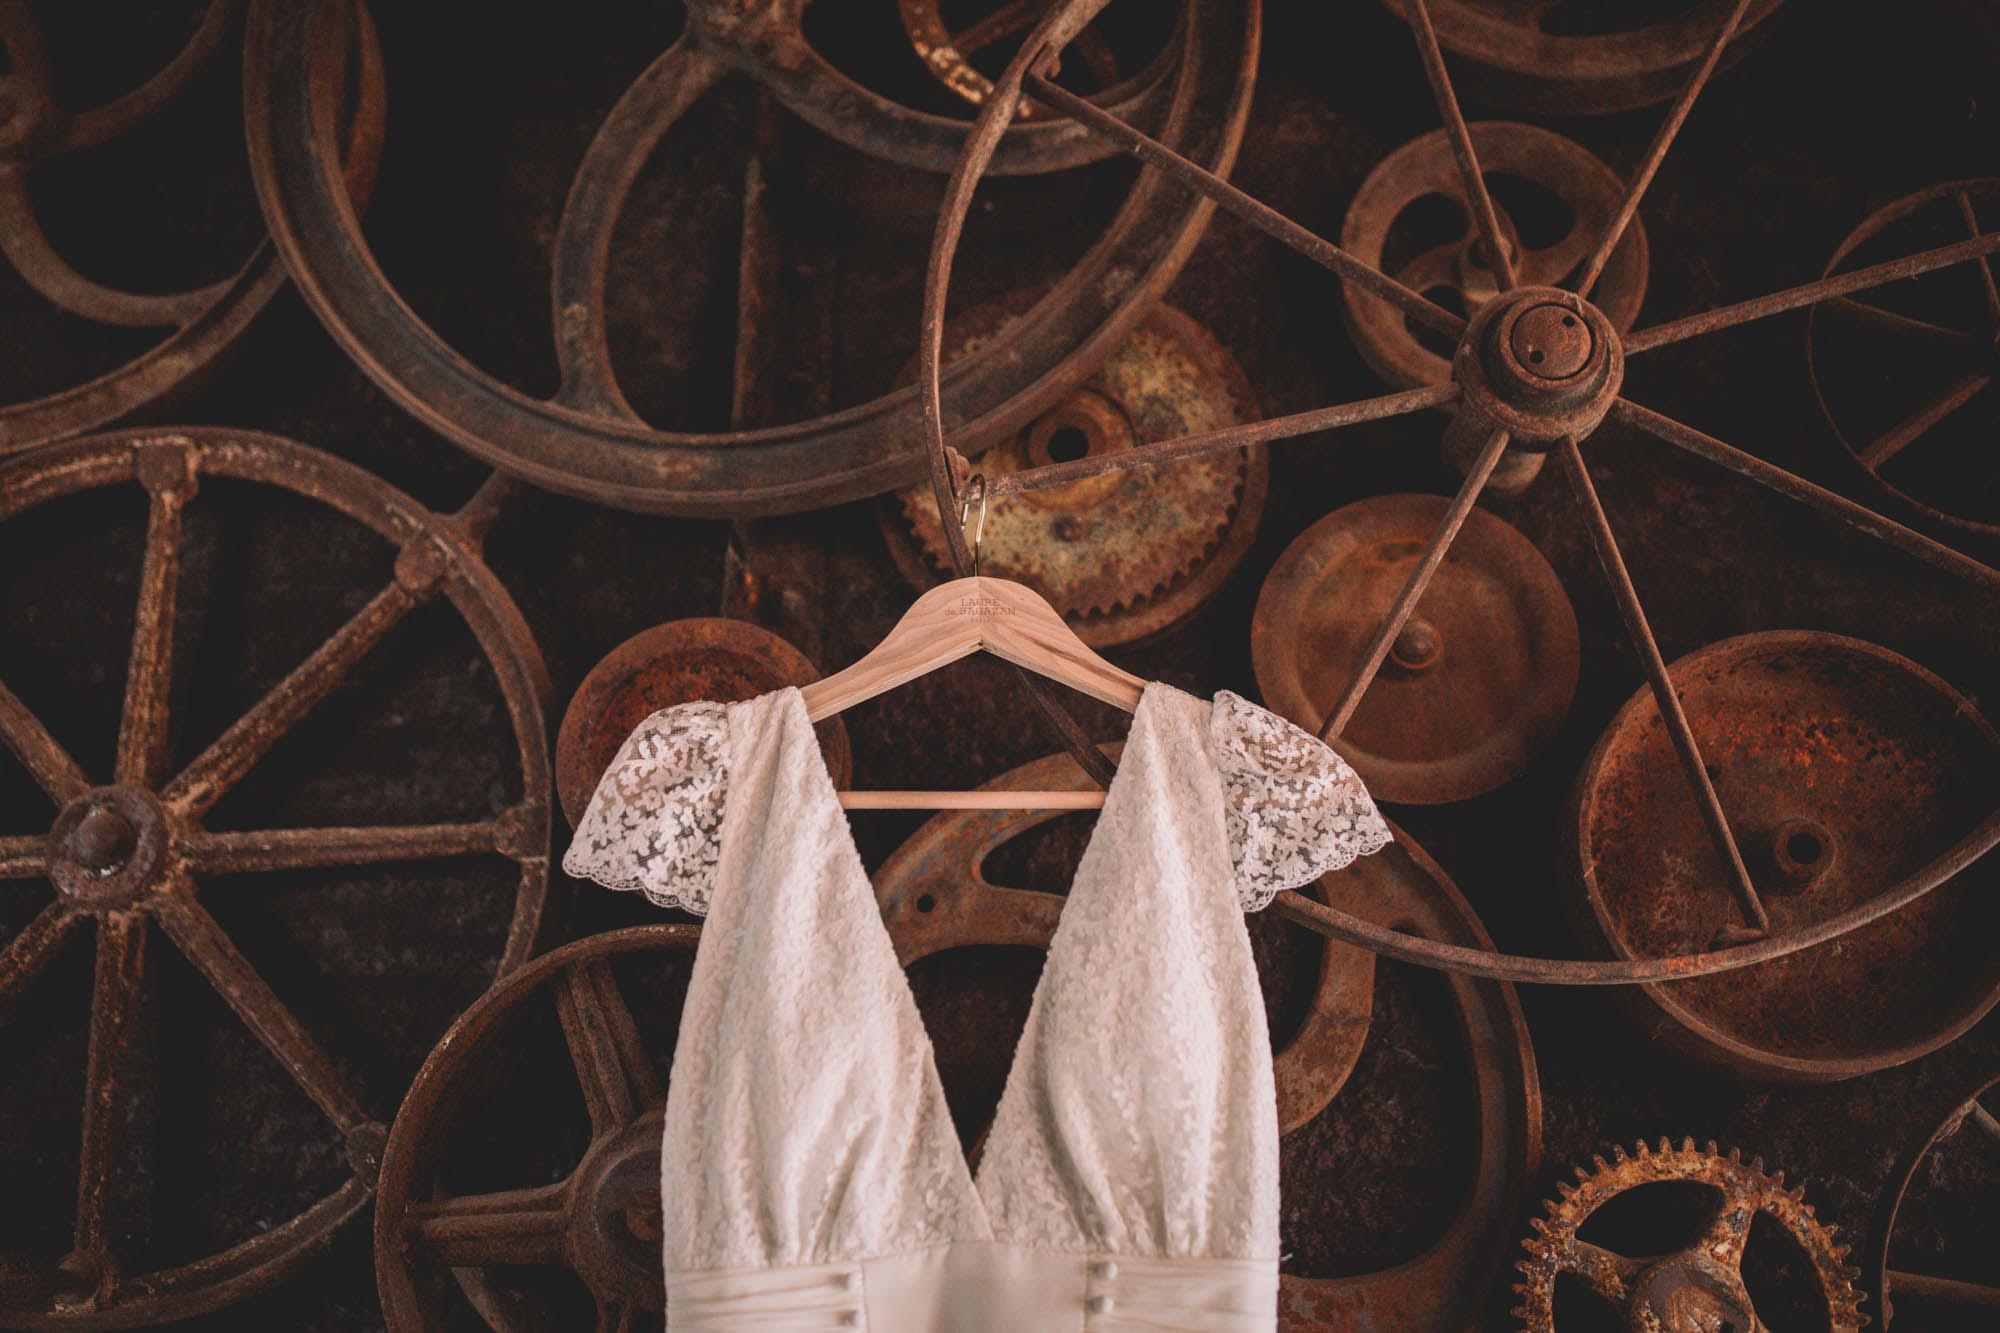 ANNE + ALEX_LES BONNES JOIES_PHOTOGRAPHE_MARIAGE_LES BANDITS-3